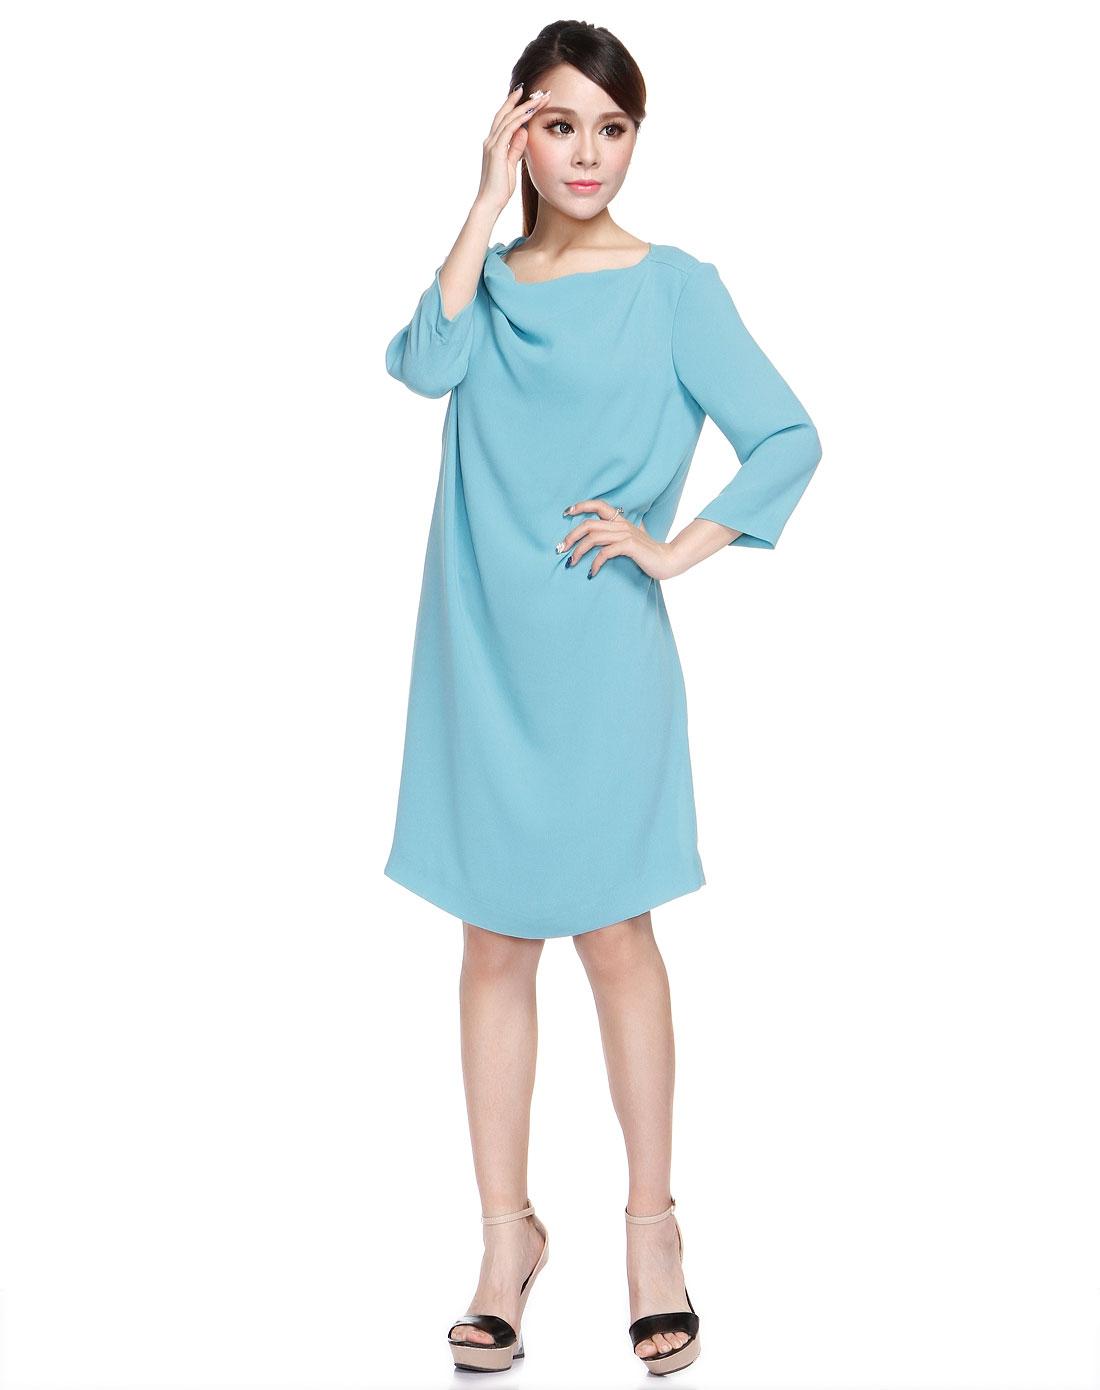 迪叶dyar薄荷蓝色纯色简约中袖连衣裙d01c01d037ba